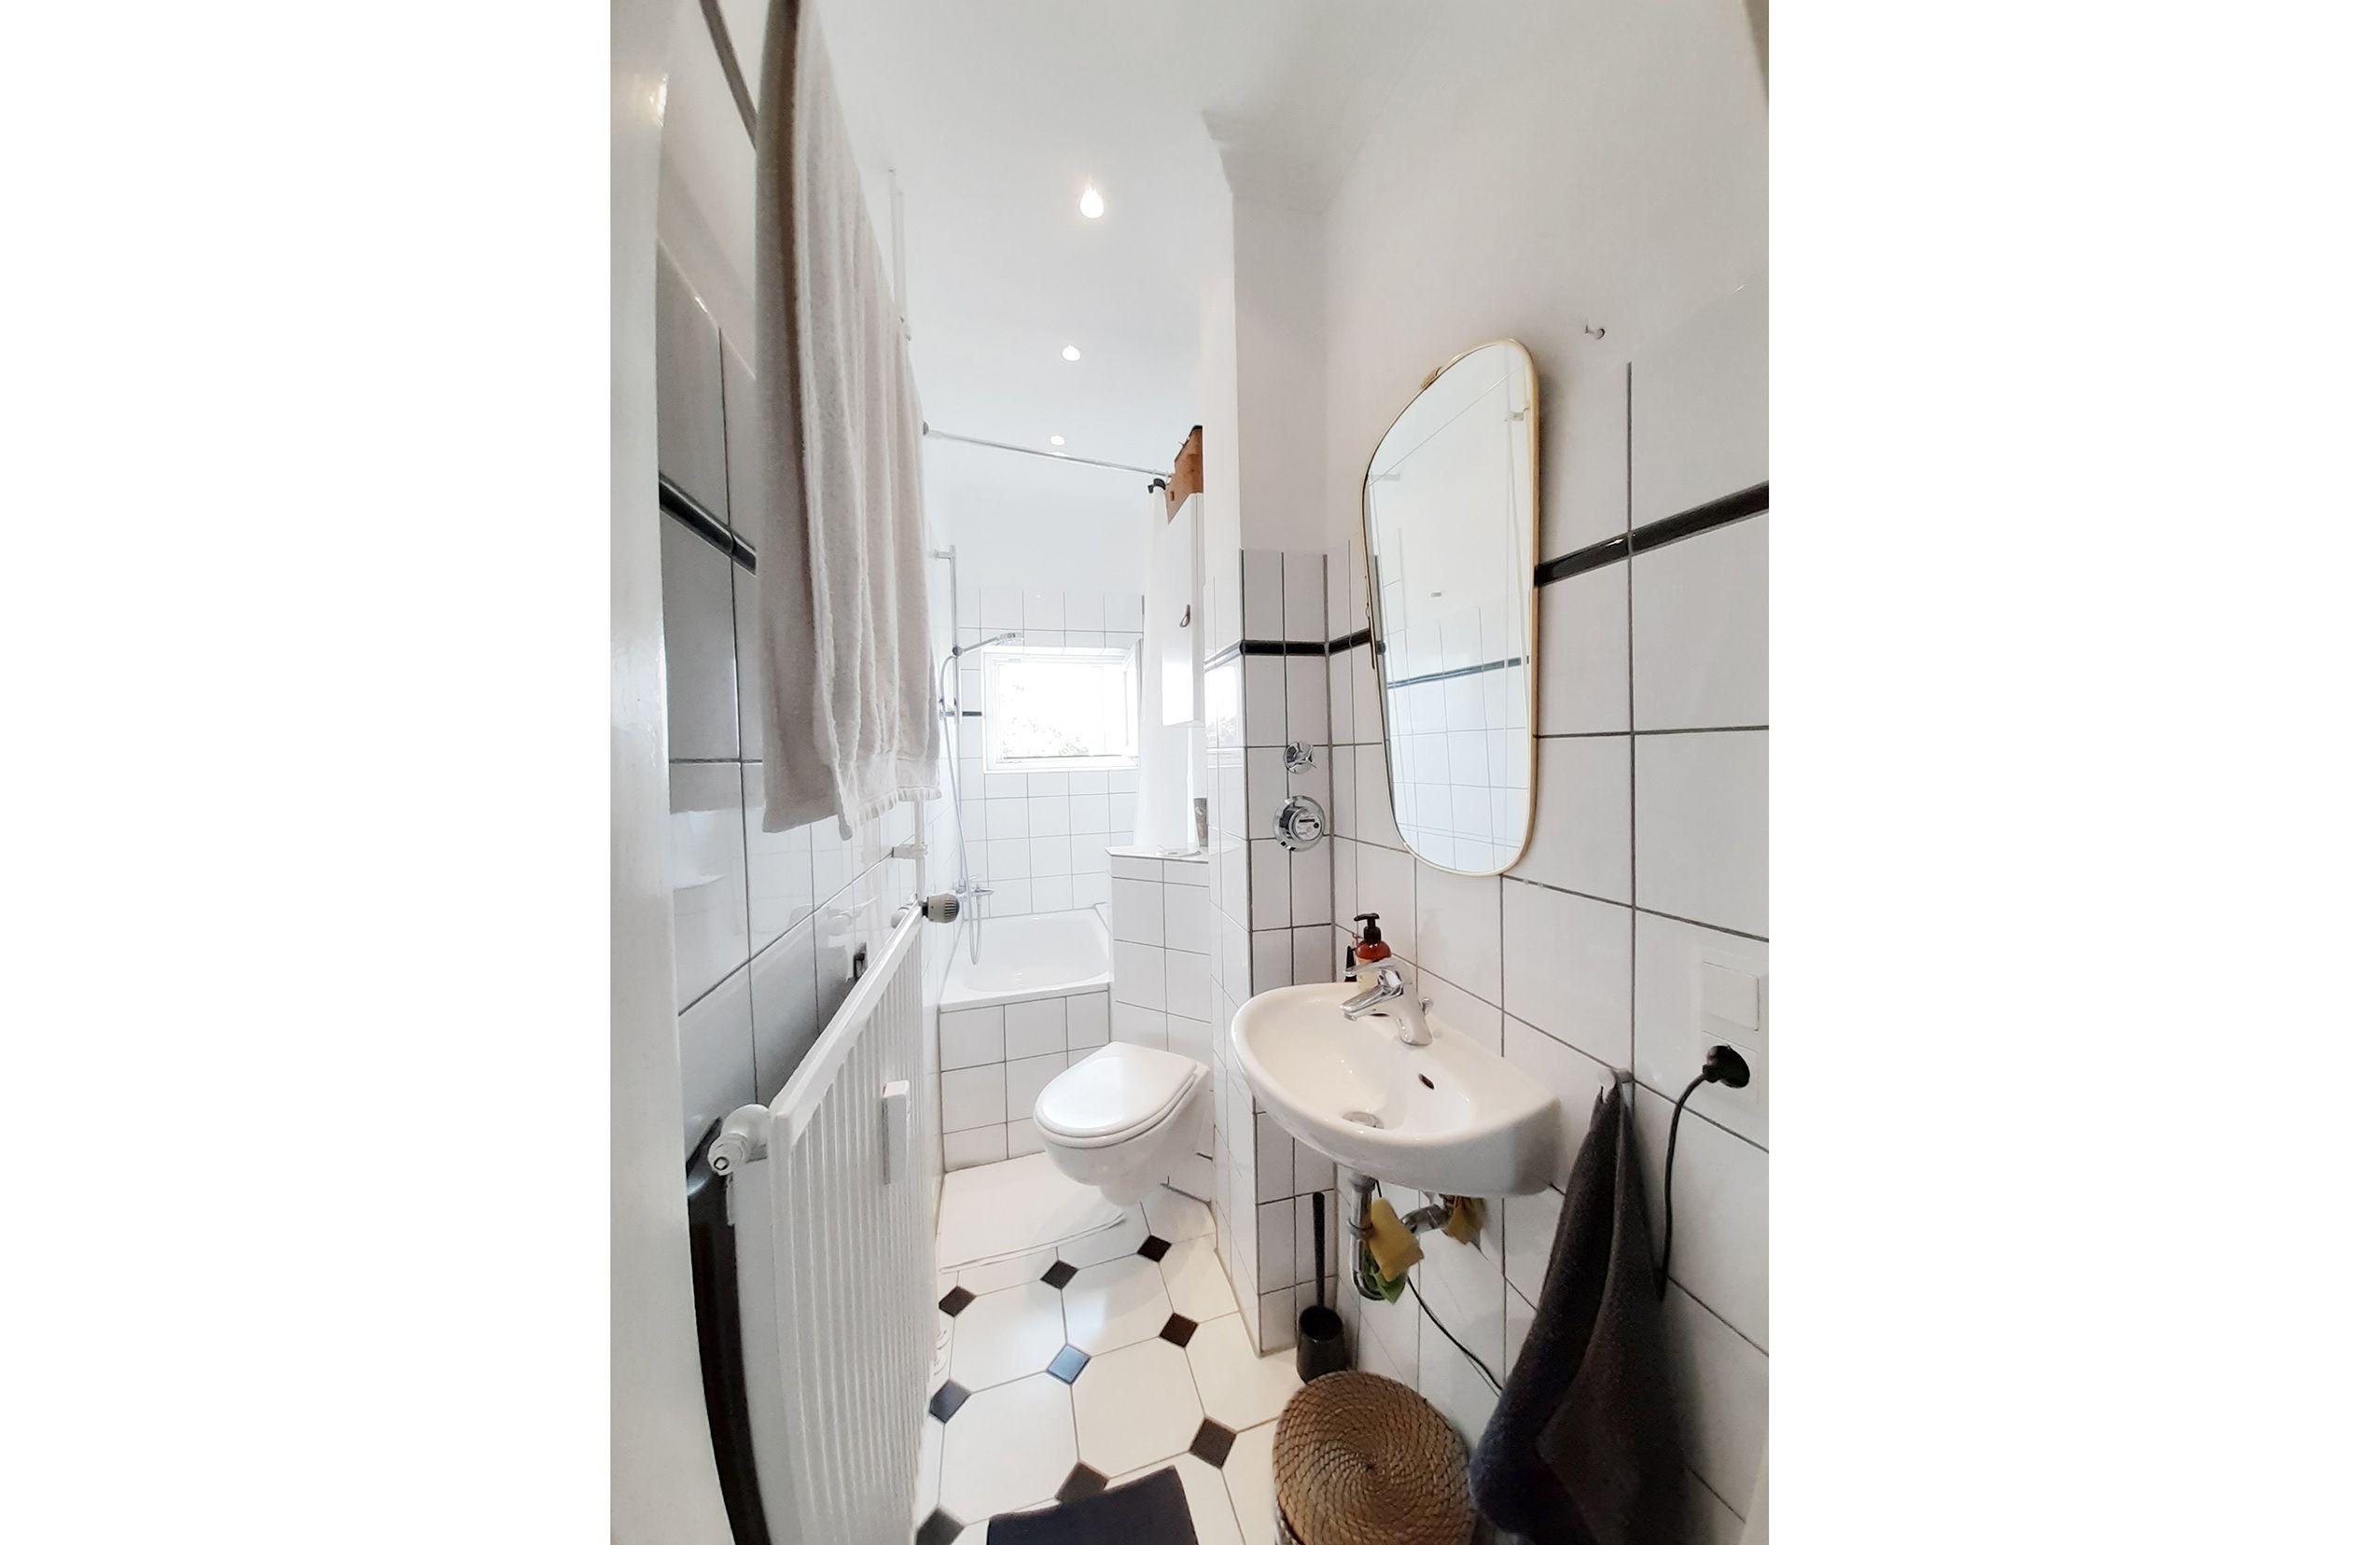 In Altona Nord Findet Ihr Eine Traumhafte Wohnung In Der Sich Dieses Tolle Badezimmer Befindet Trotz Des Schmale Schone Badezimmer Tolle Badezimmer Badezimmer